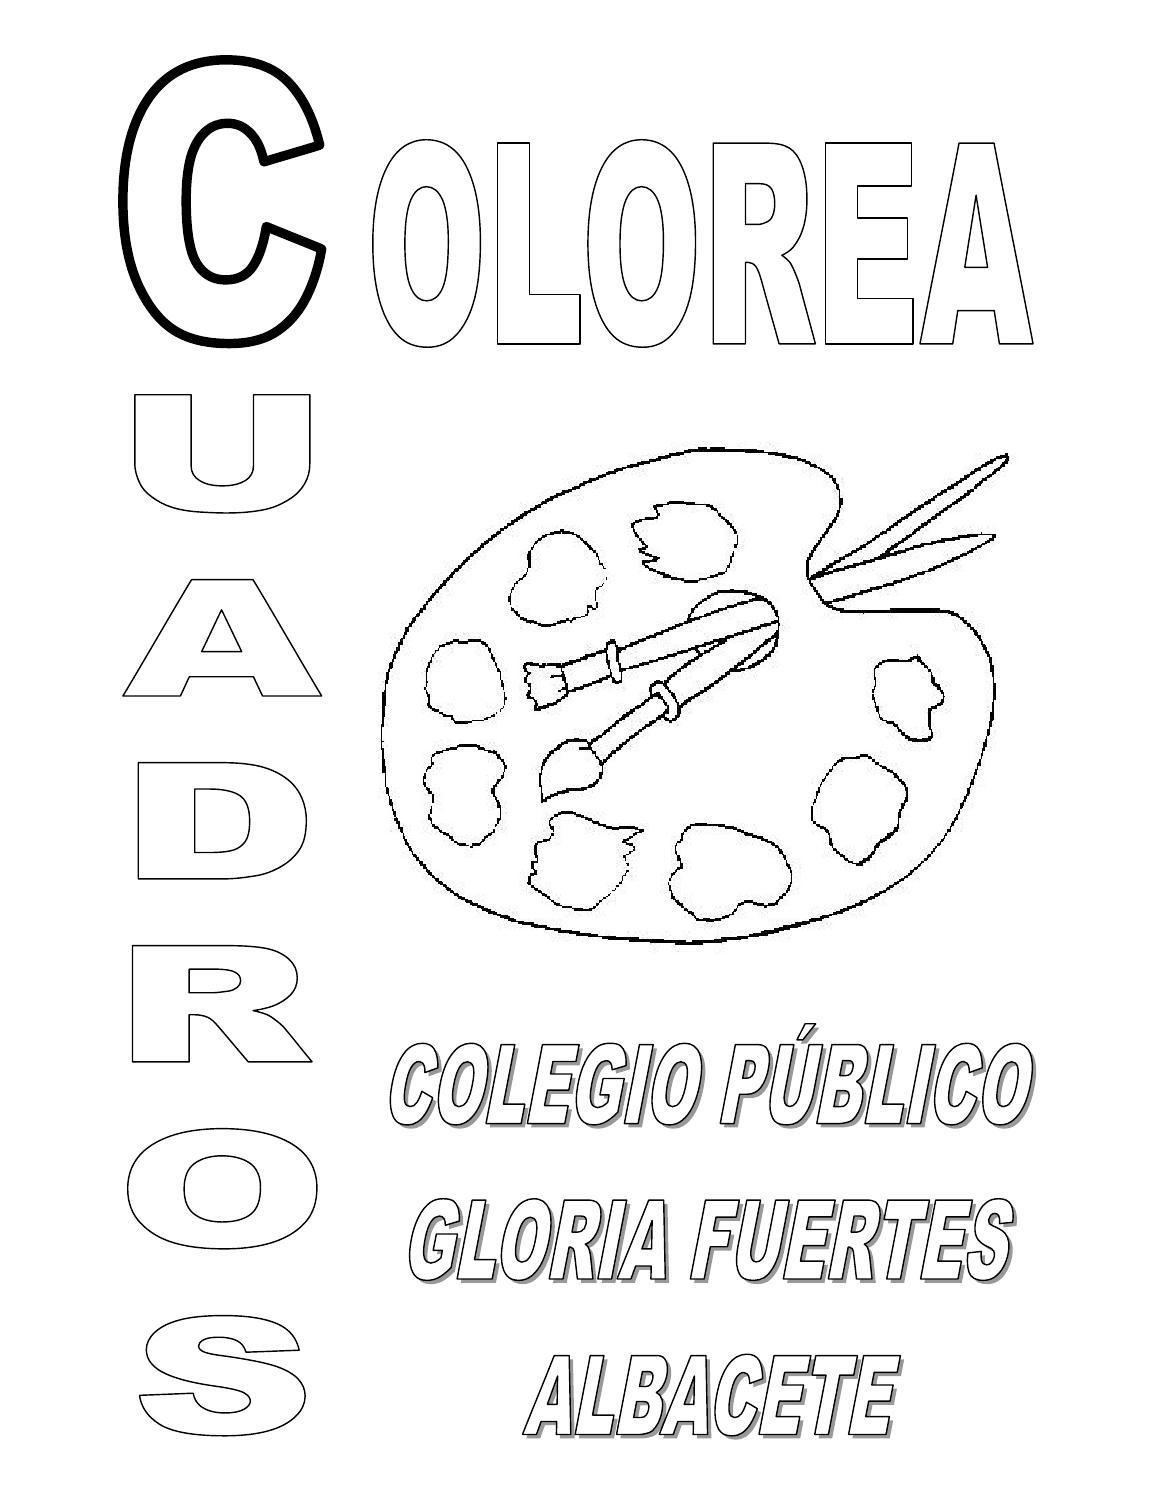 Colorea cuadros by GERMÁN DE LA HOZ - issuu